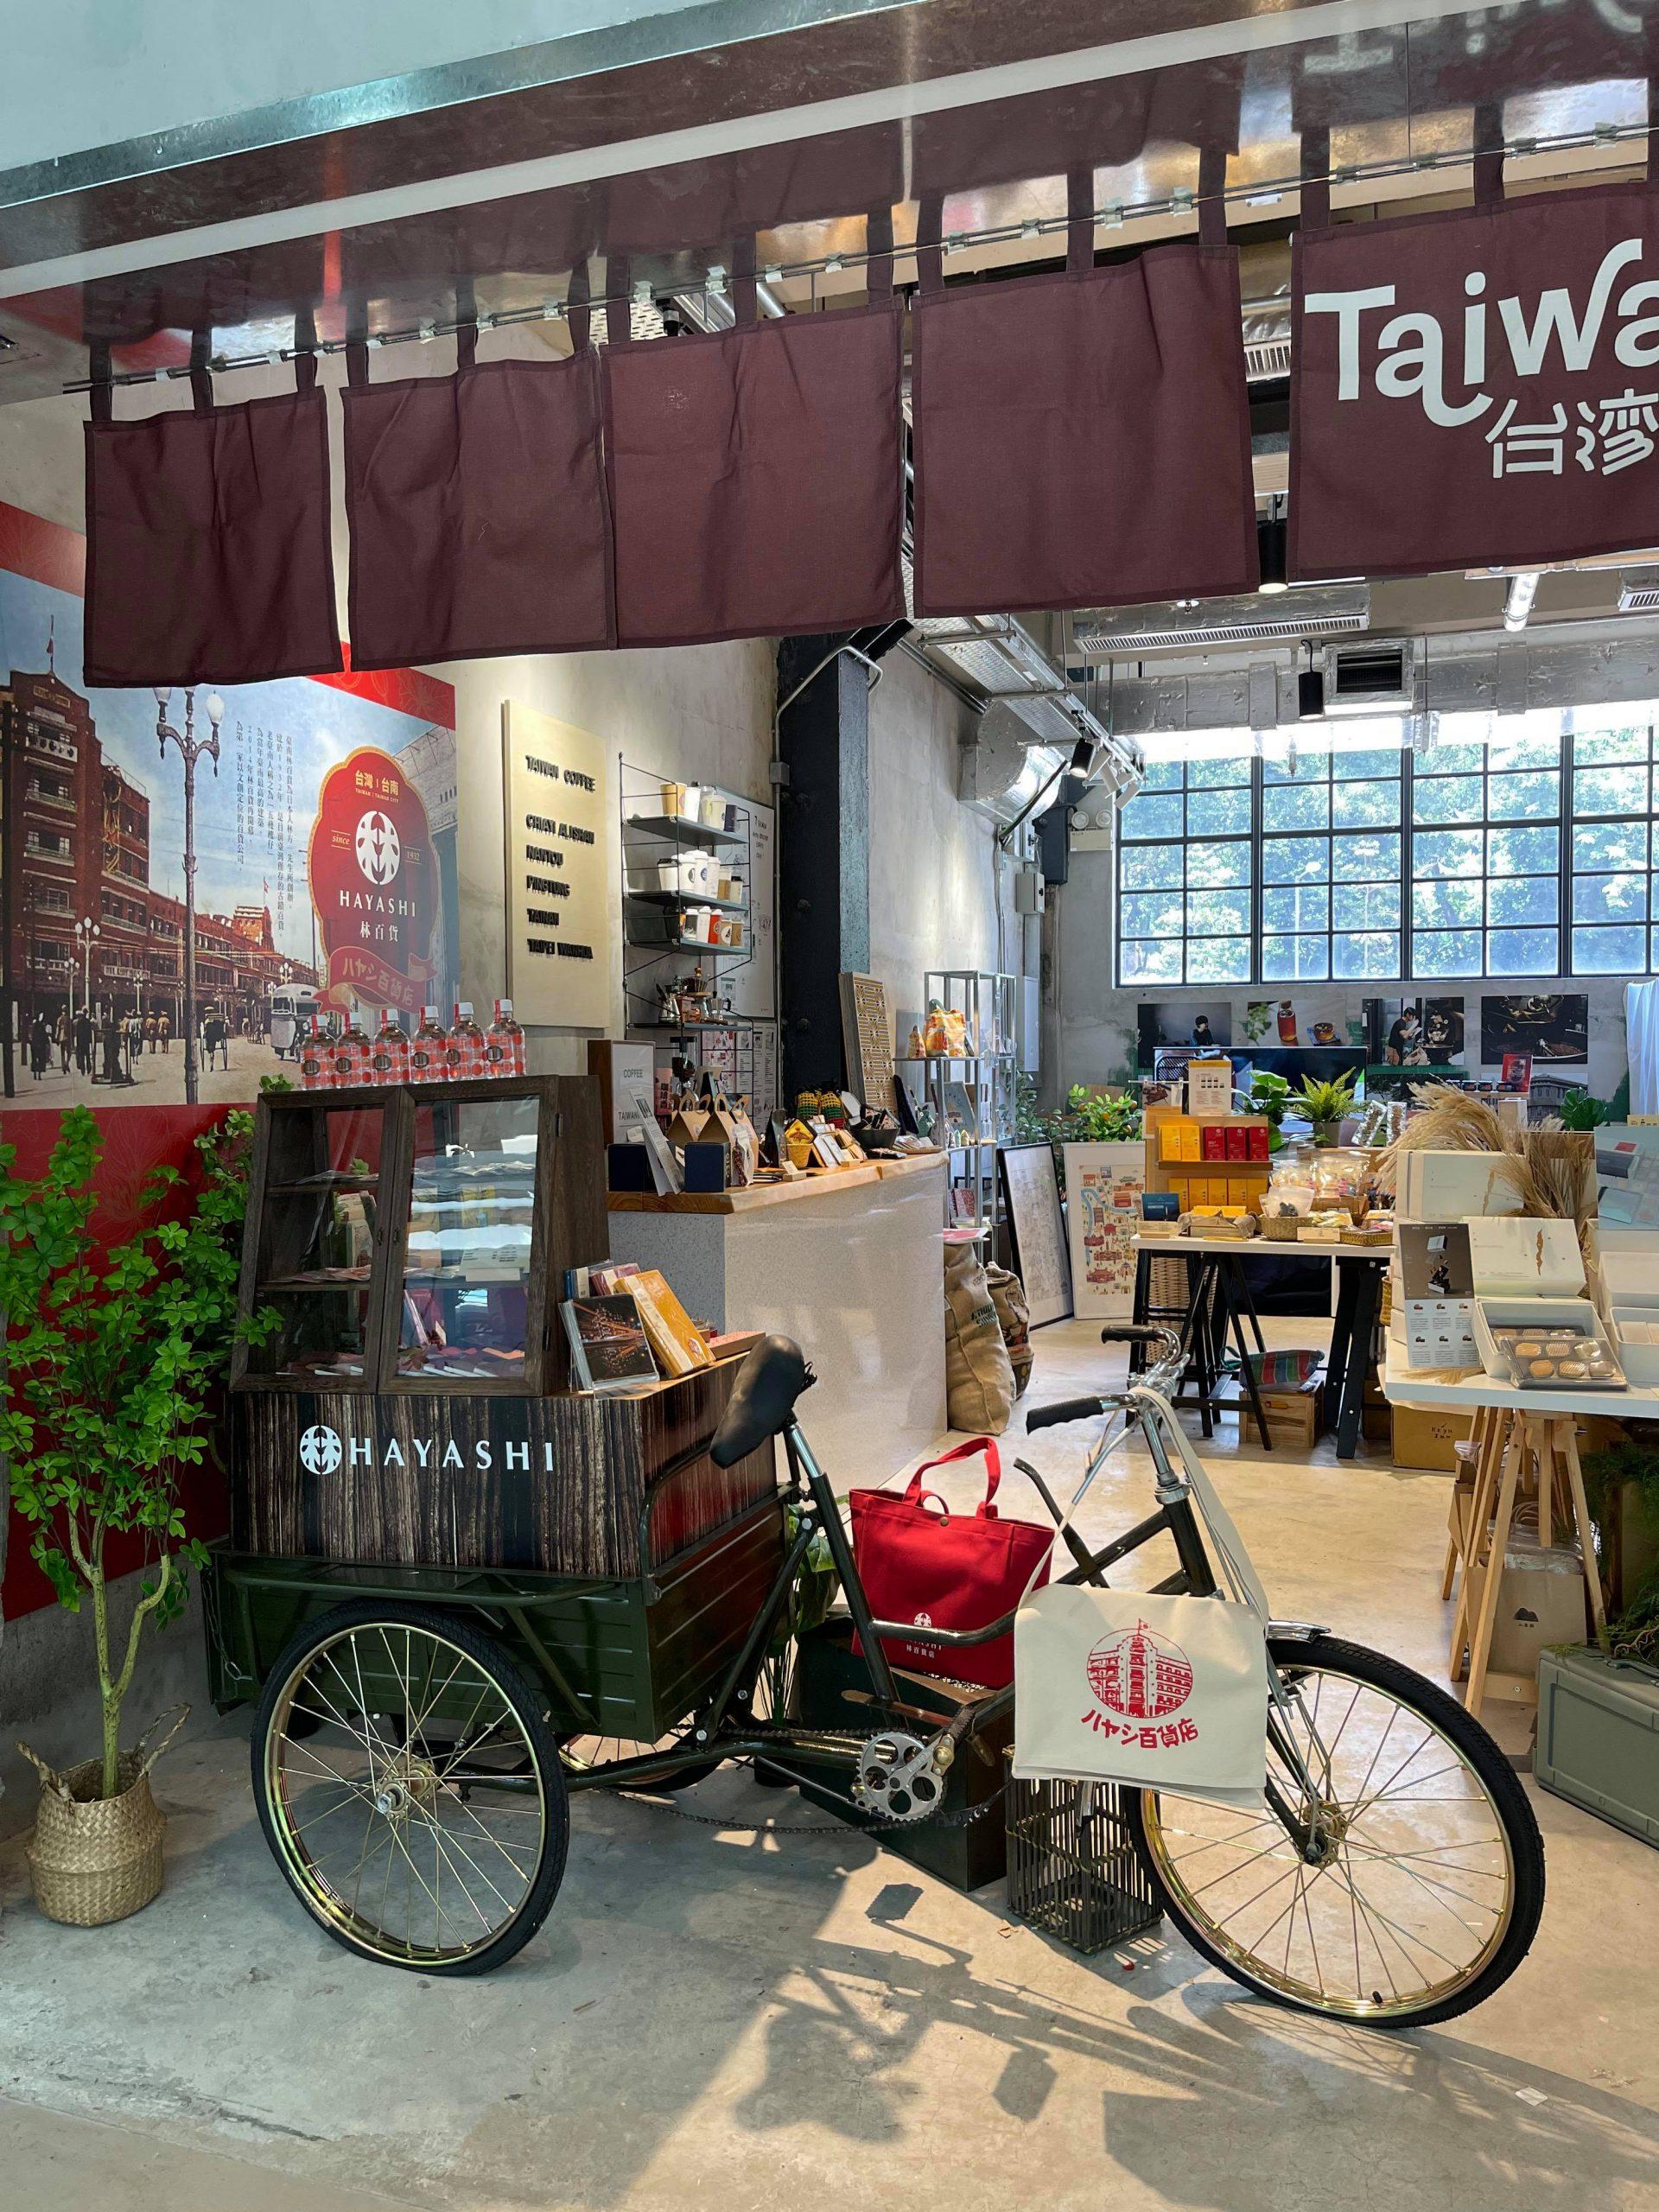 台灣 台灣味市集 pop-up 南豐紗廠 台灣好物 門面 打卡位 三輪車